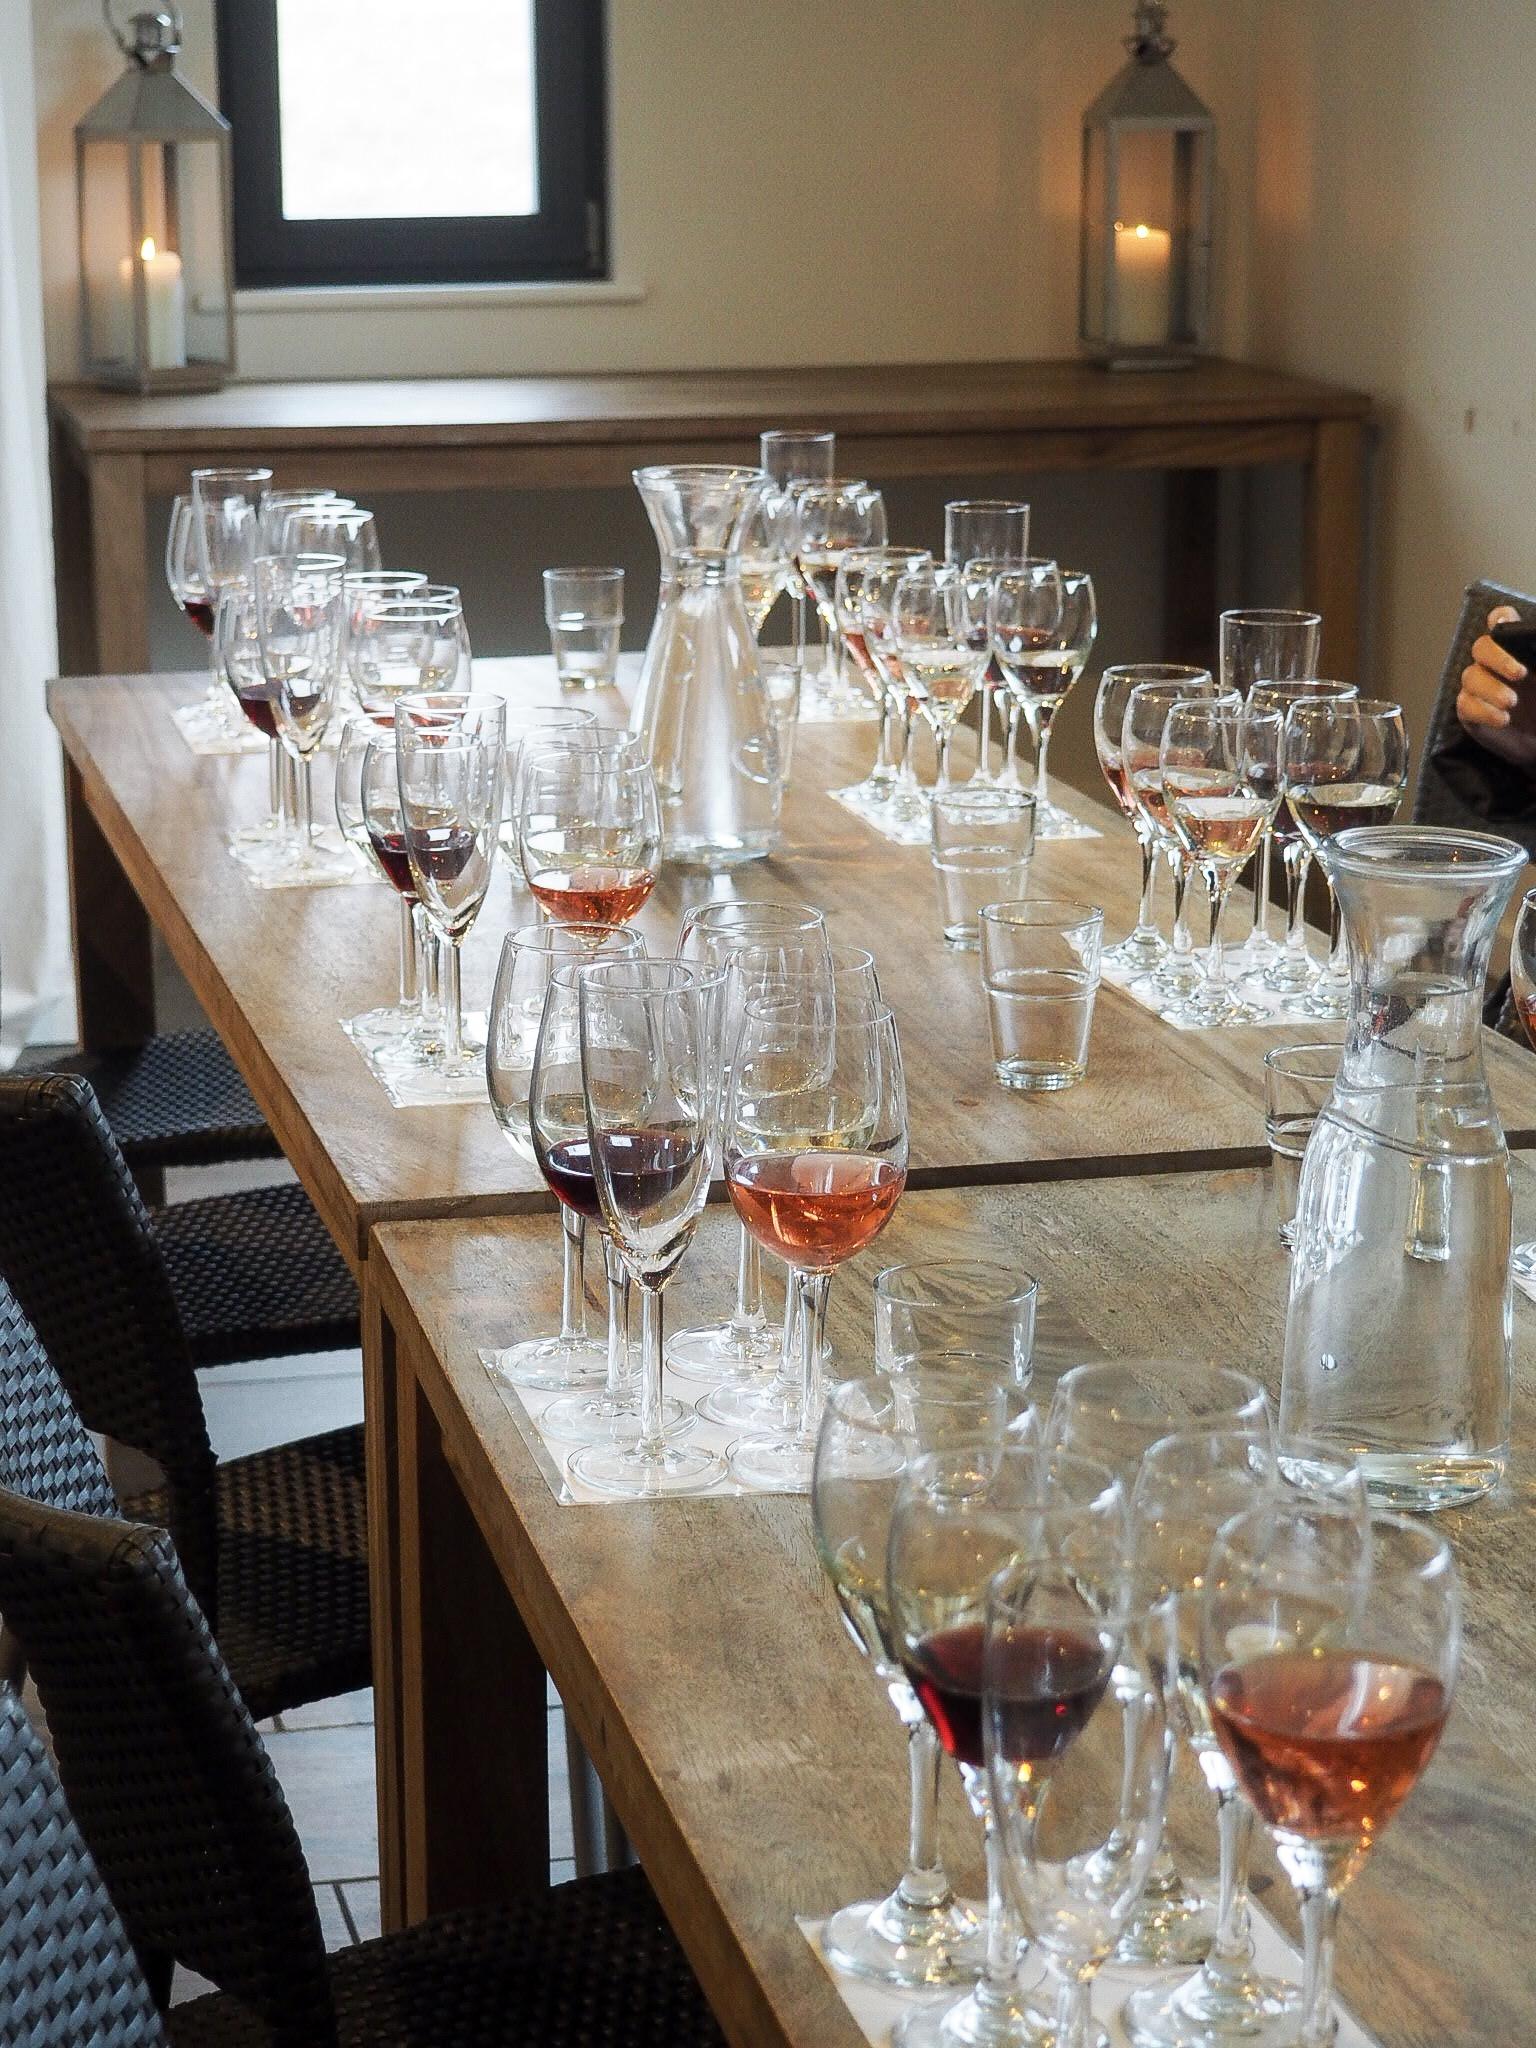 West Street Vineyard wine tasting